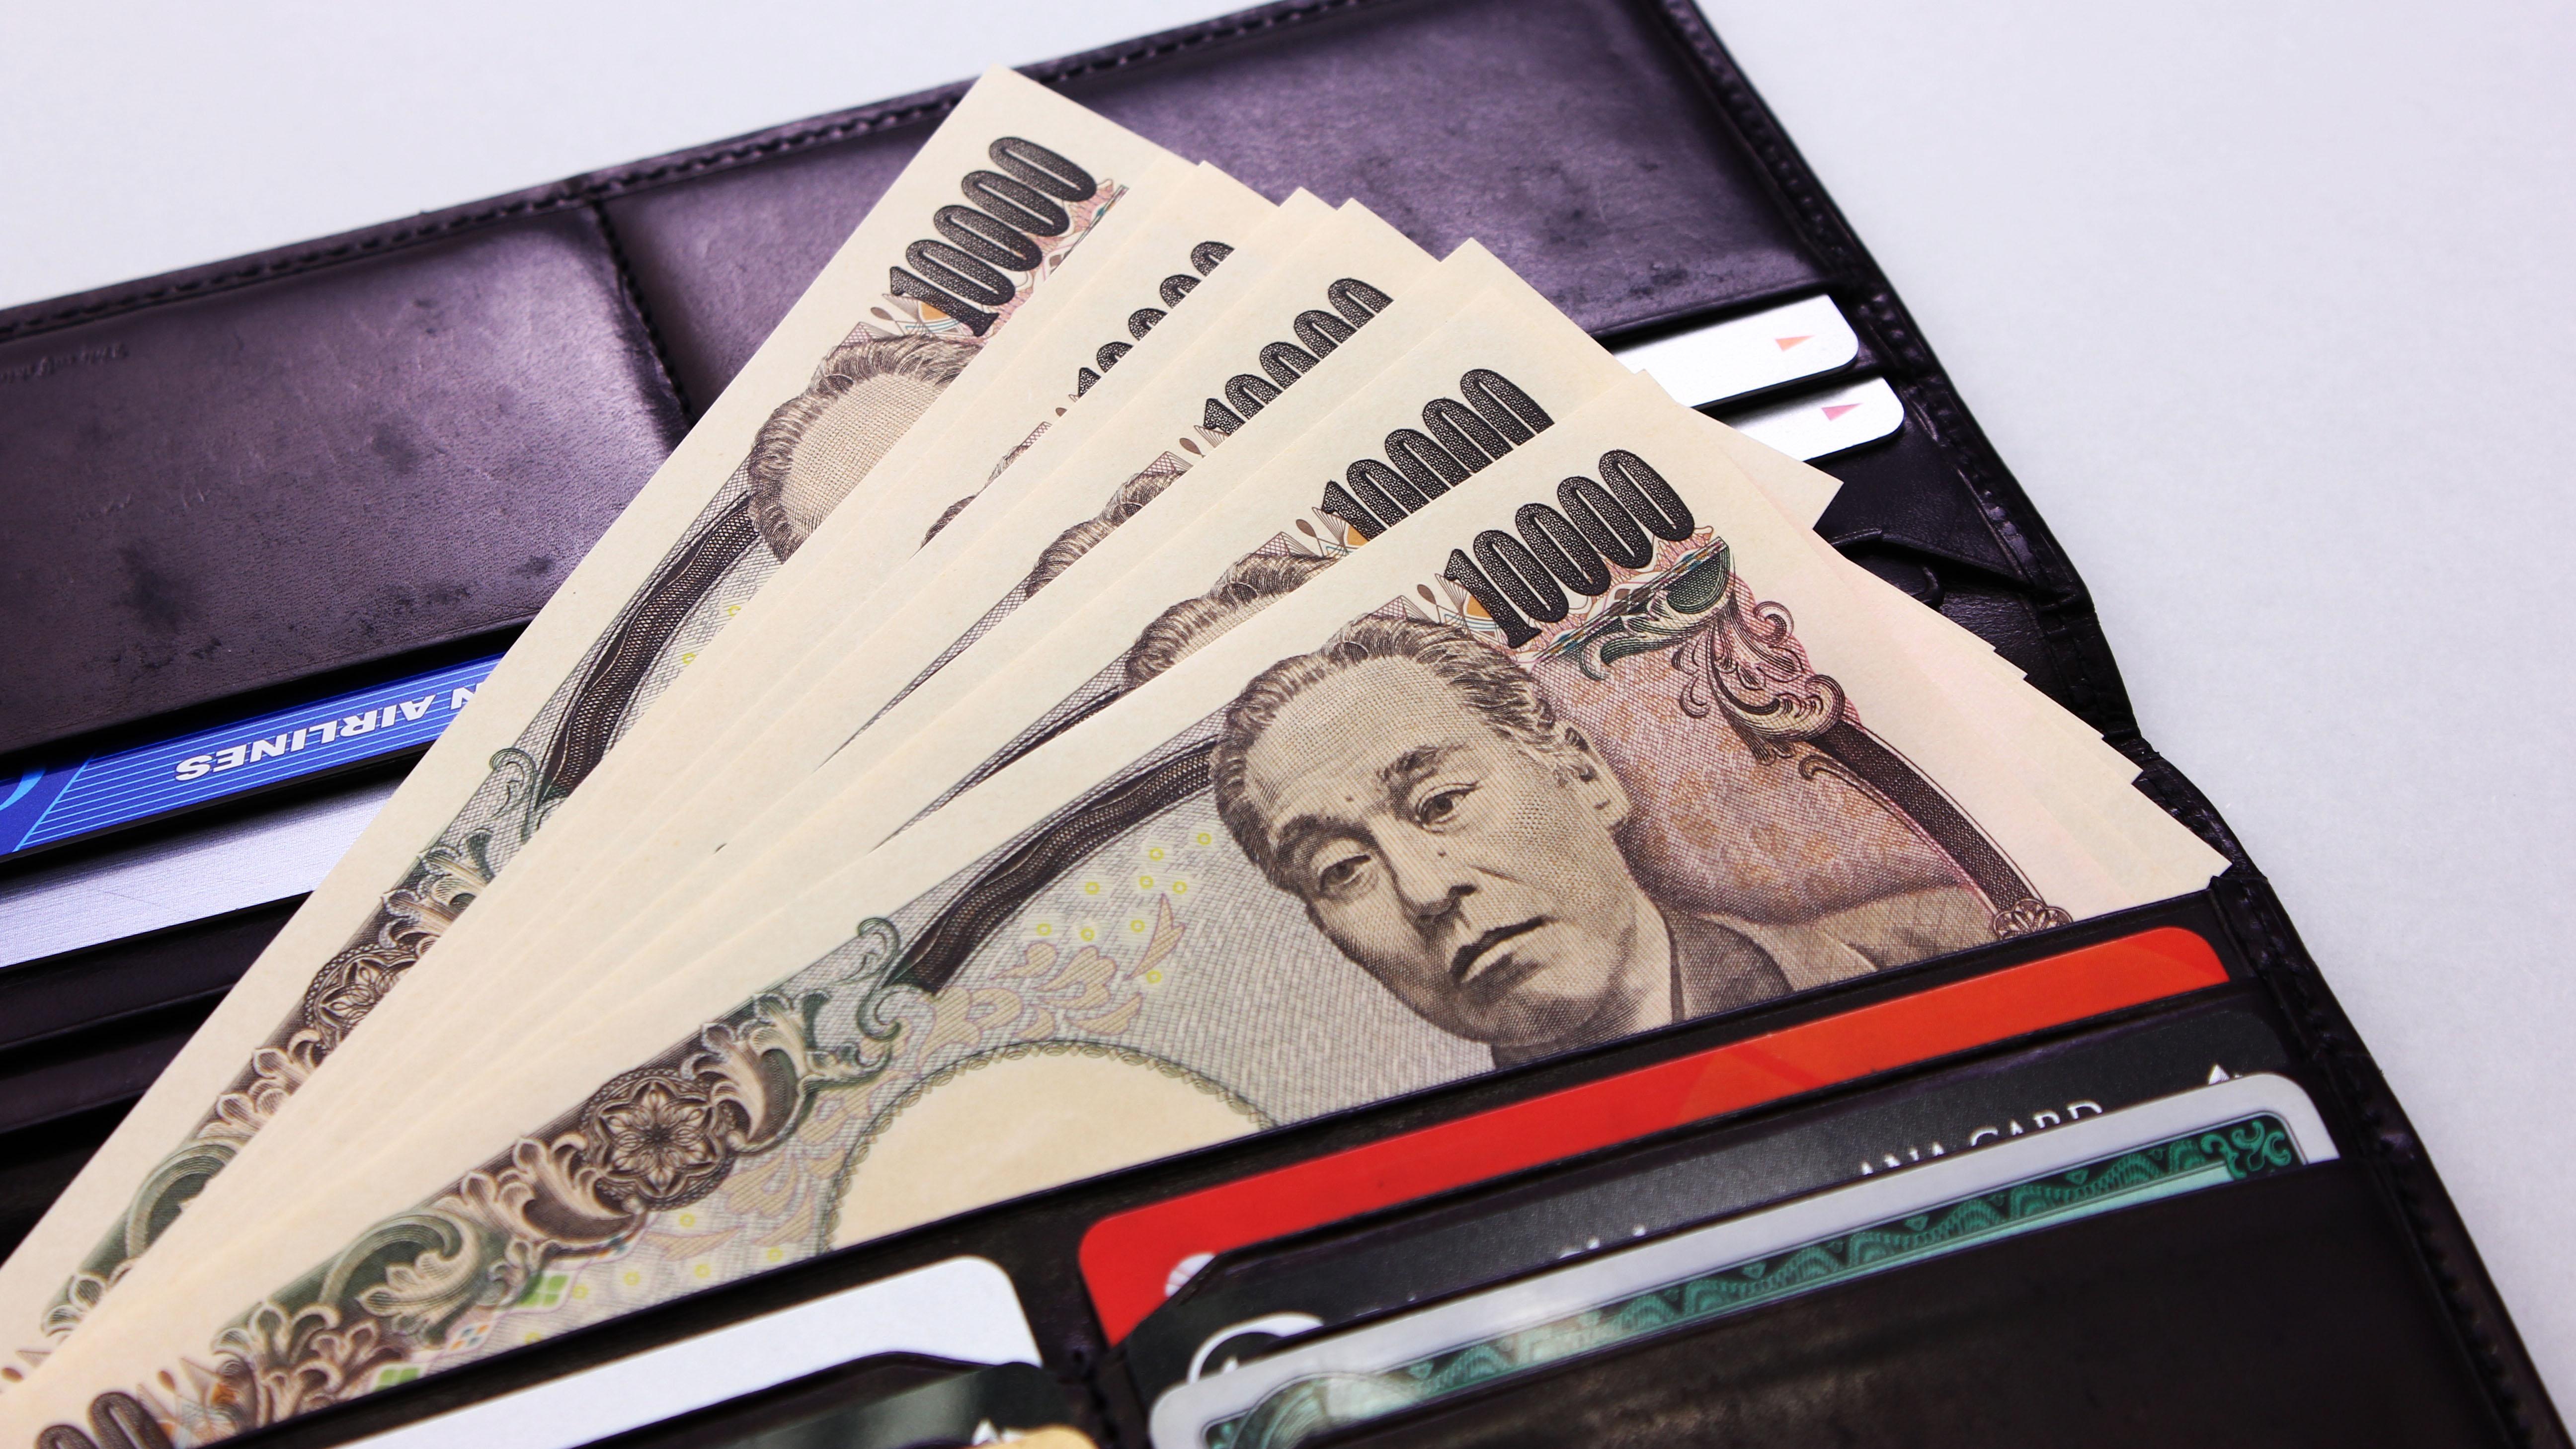 【ゲン担ぎ】芸能人が使っている財布の特徴。自然と金運が上がっていた。